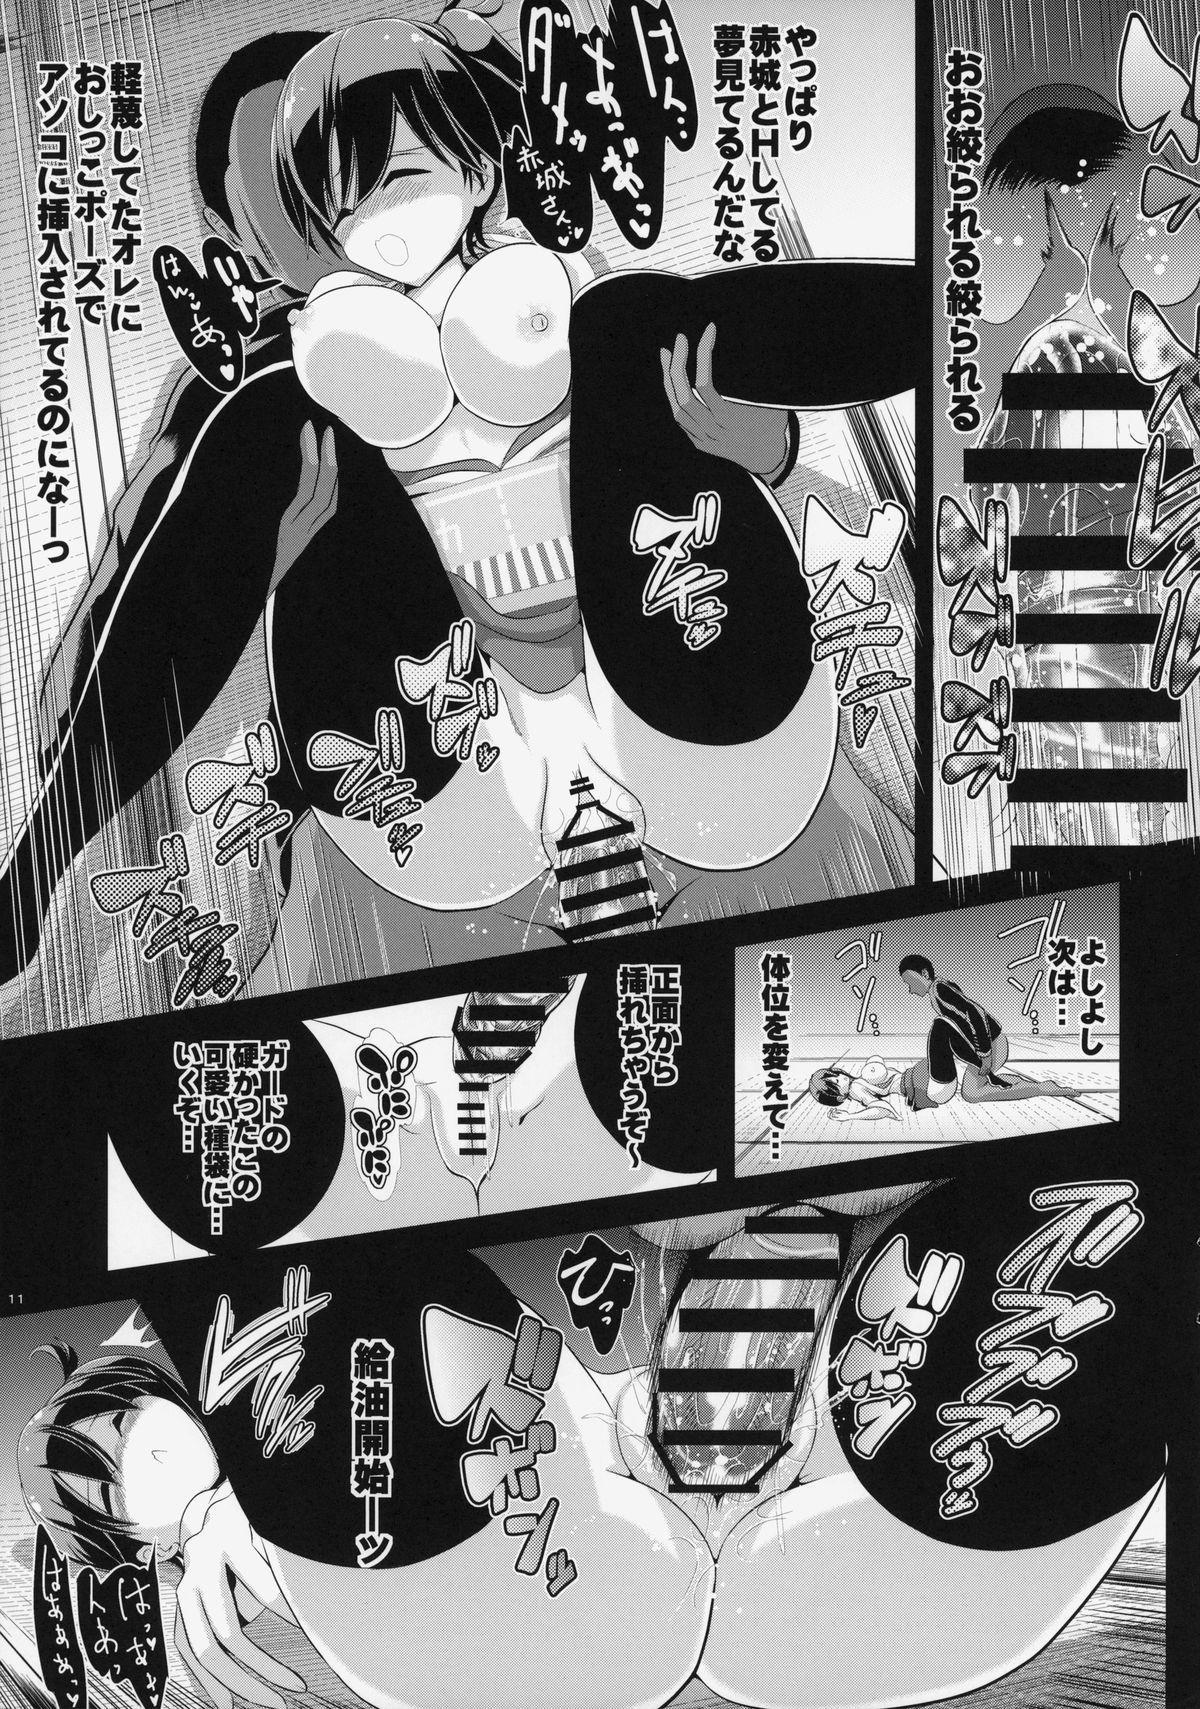 (SC64) [Haitokukan (Haitokukan, Poshi)] KanColle Suikan 2 -Chinmoku no Kantai- Kaga (Kantai Collection -KanColle-) 11